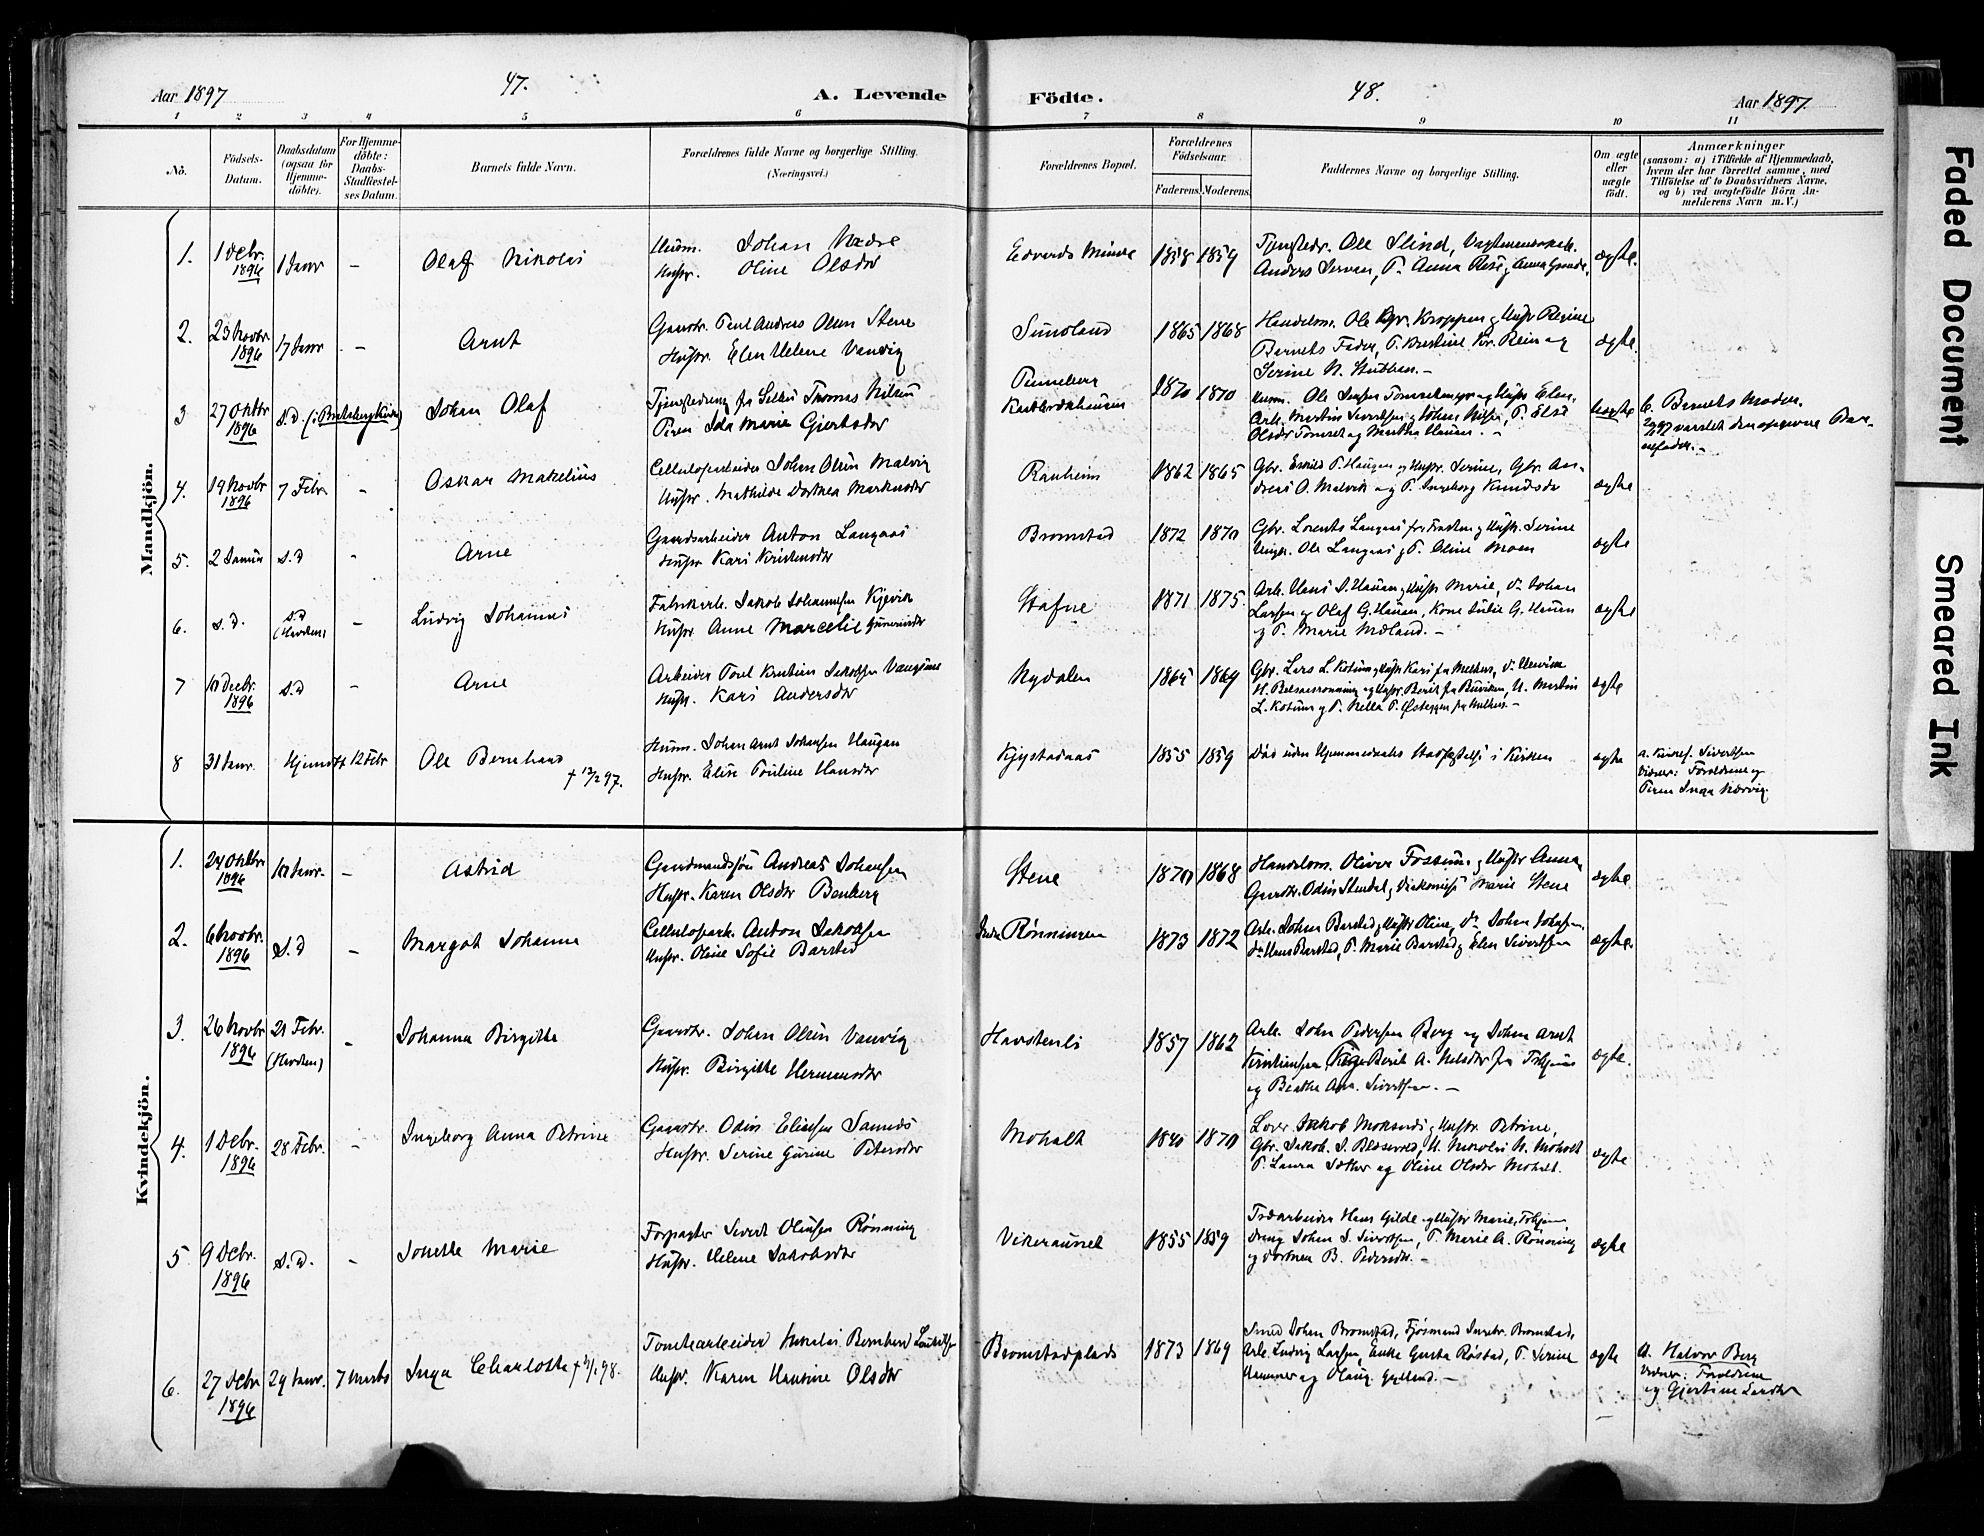 SAT, Ministerialprotokoller, klokkerbøker og fødselsregistre - Sør-Trøndelag, 606/L0301: Ministerialbok nr. 606A16, 1894-1907, s. 47-48